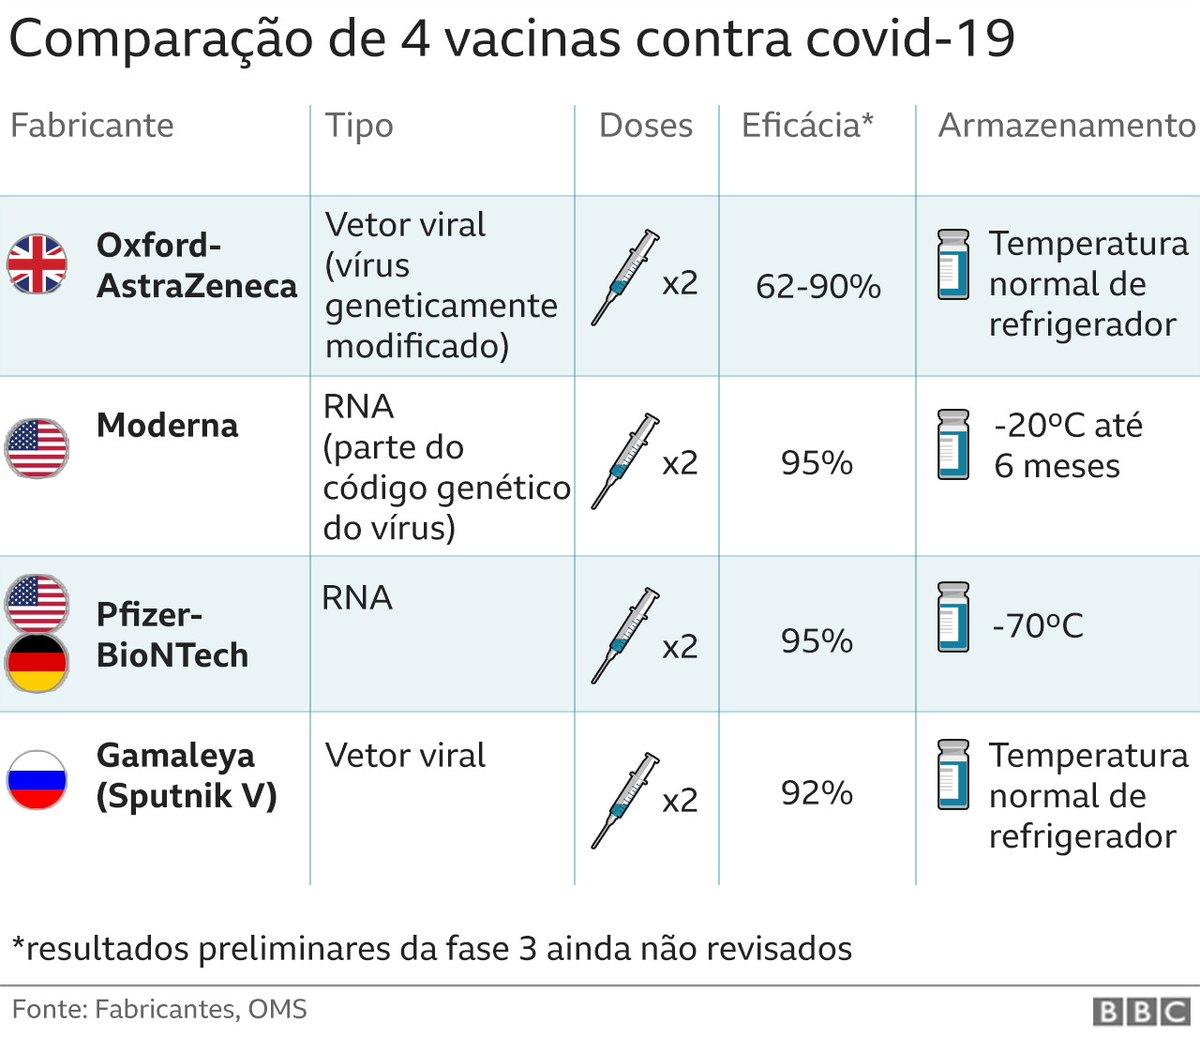 Um resumo 💉 Pra você não se perder, a tabela traz alguns pontos-chave das vacinas mais avançadas contra a covid-19.  A Coronavac não aparece por faltar ainda o resultado da fase final. A previsão é a 1ª semana de dezembro.  Veja mais detalhes em: